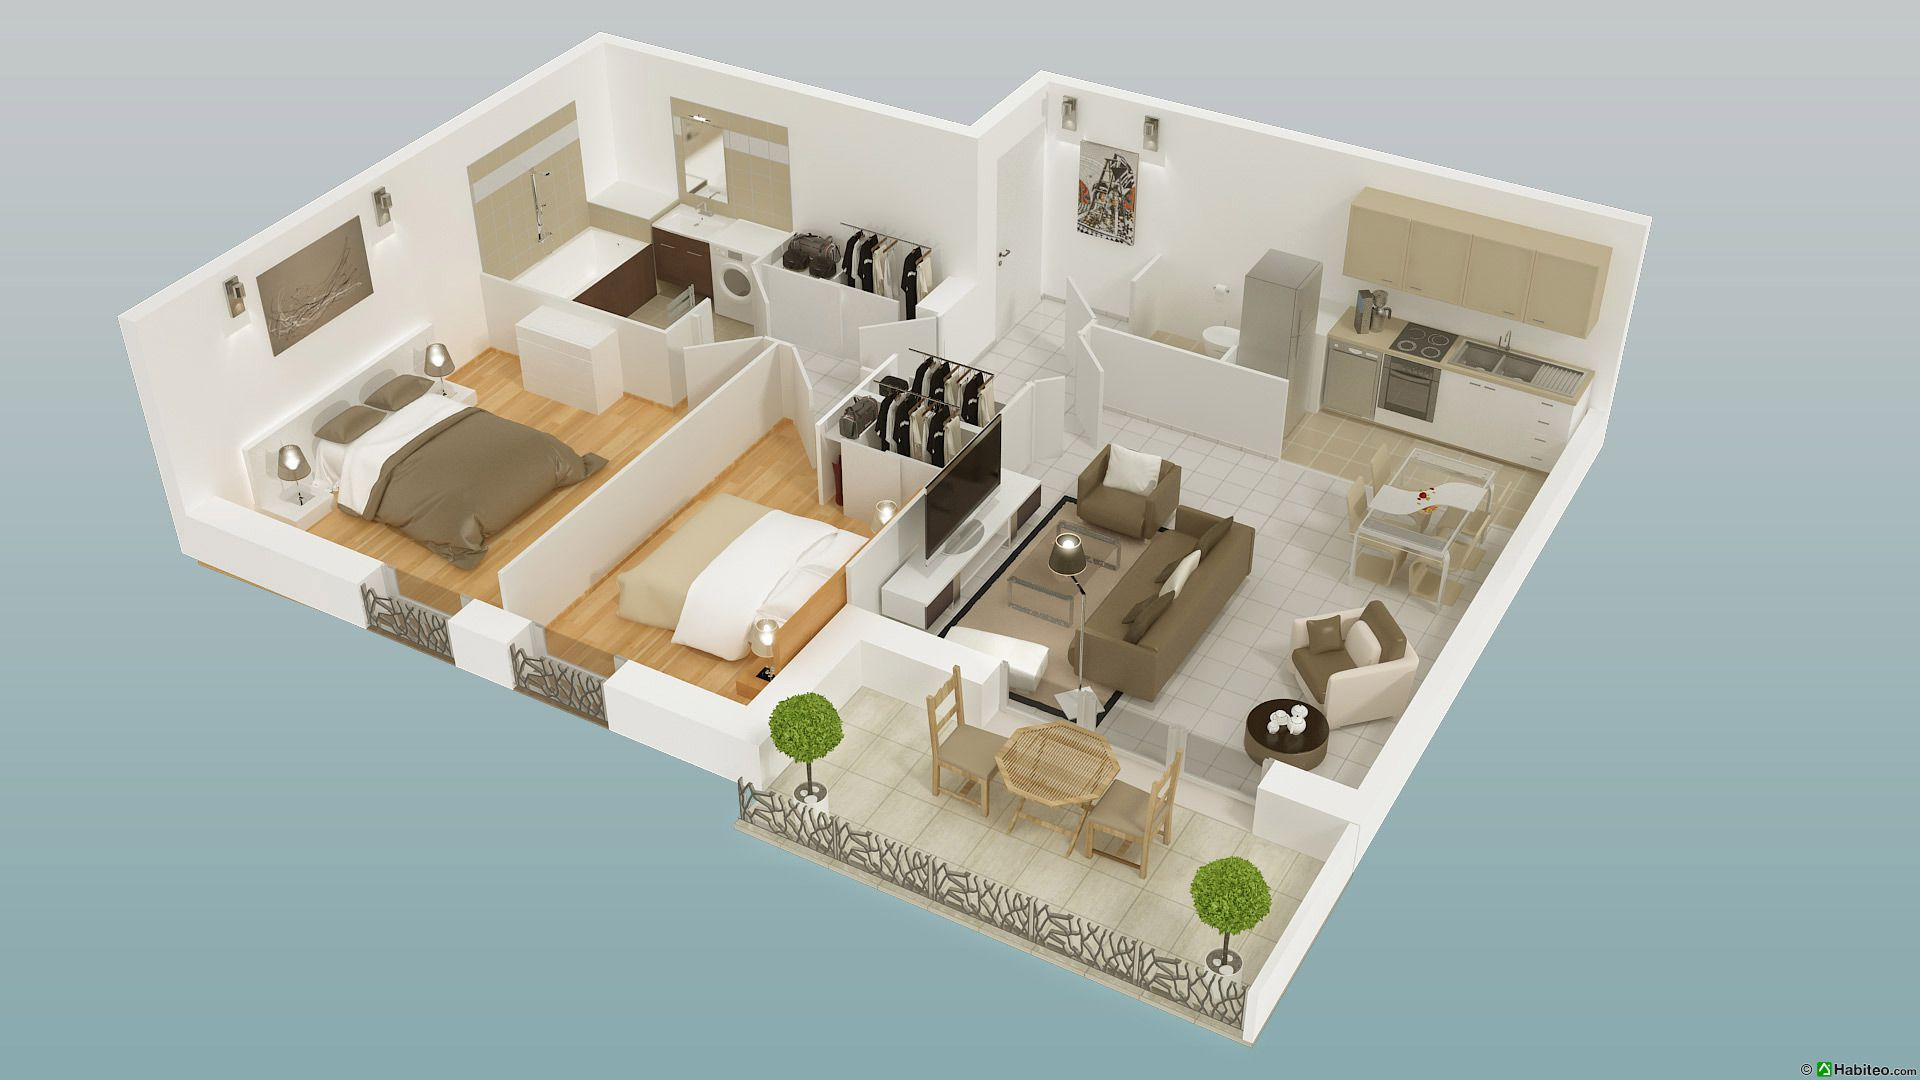 Plan 3d dun appartement trois pièces de la résidence villa saint james à